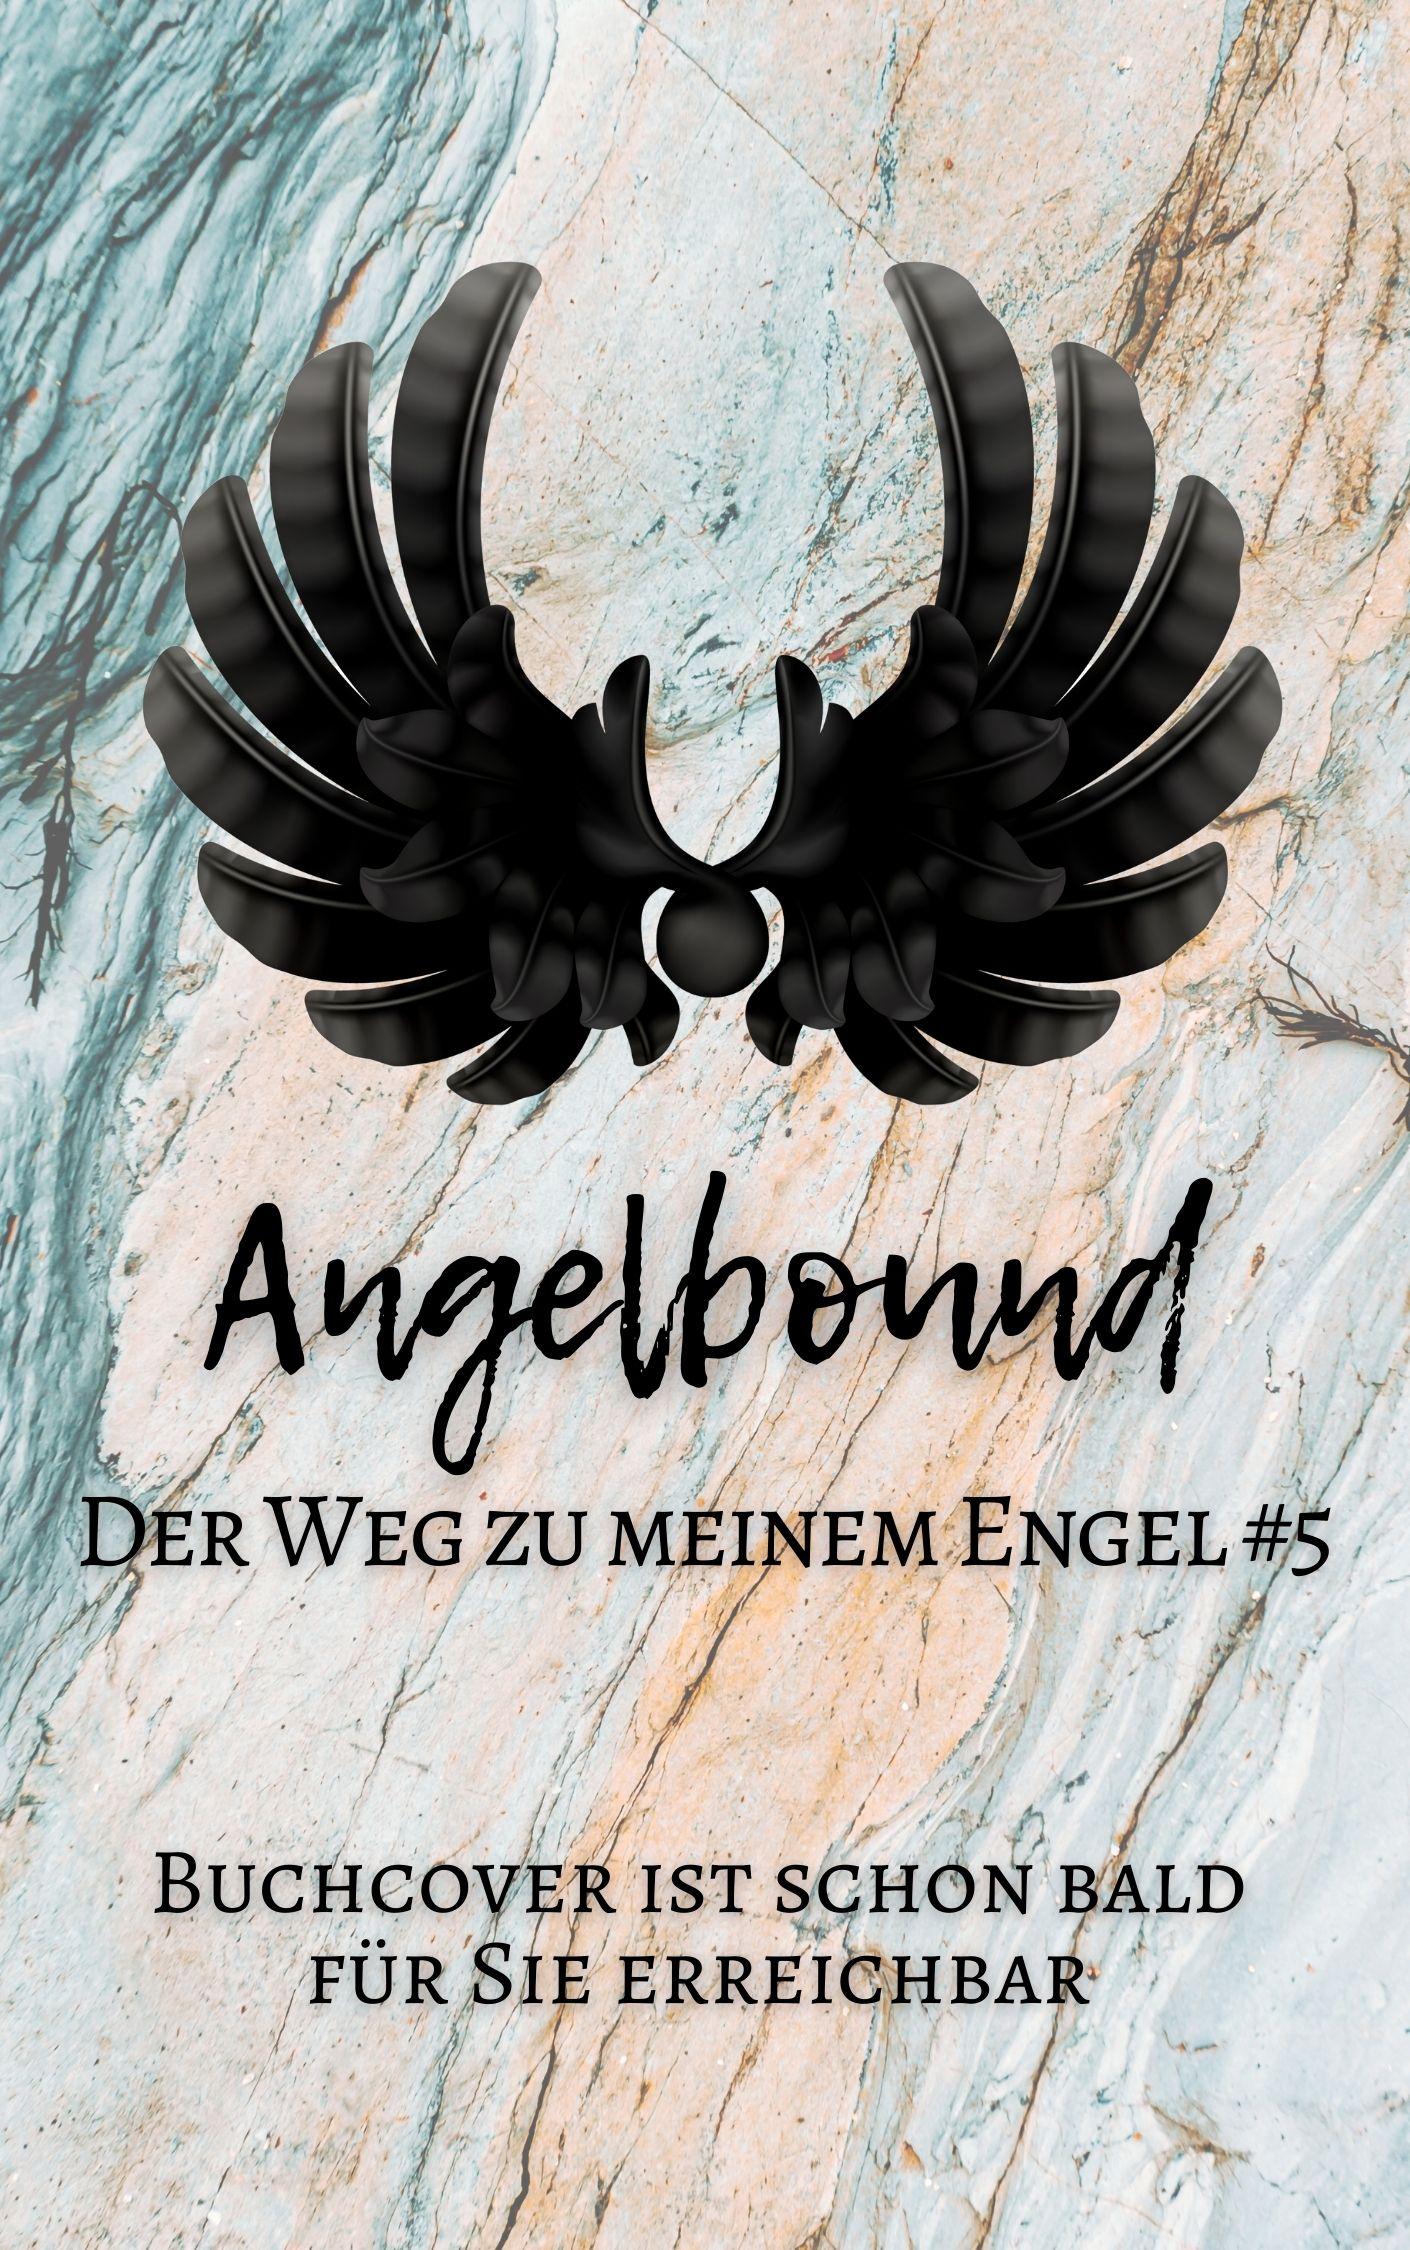 5 Angelbound